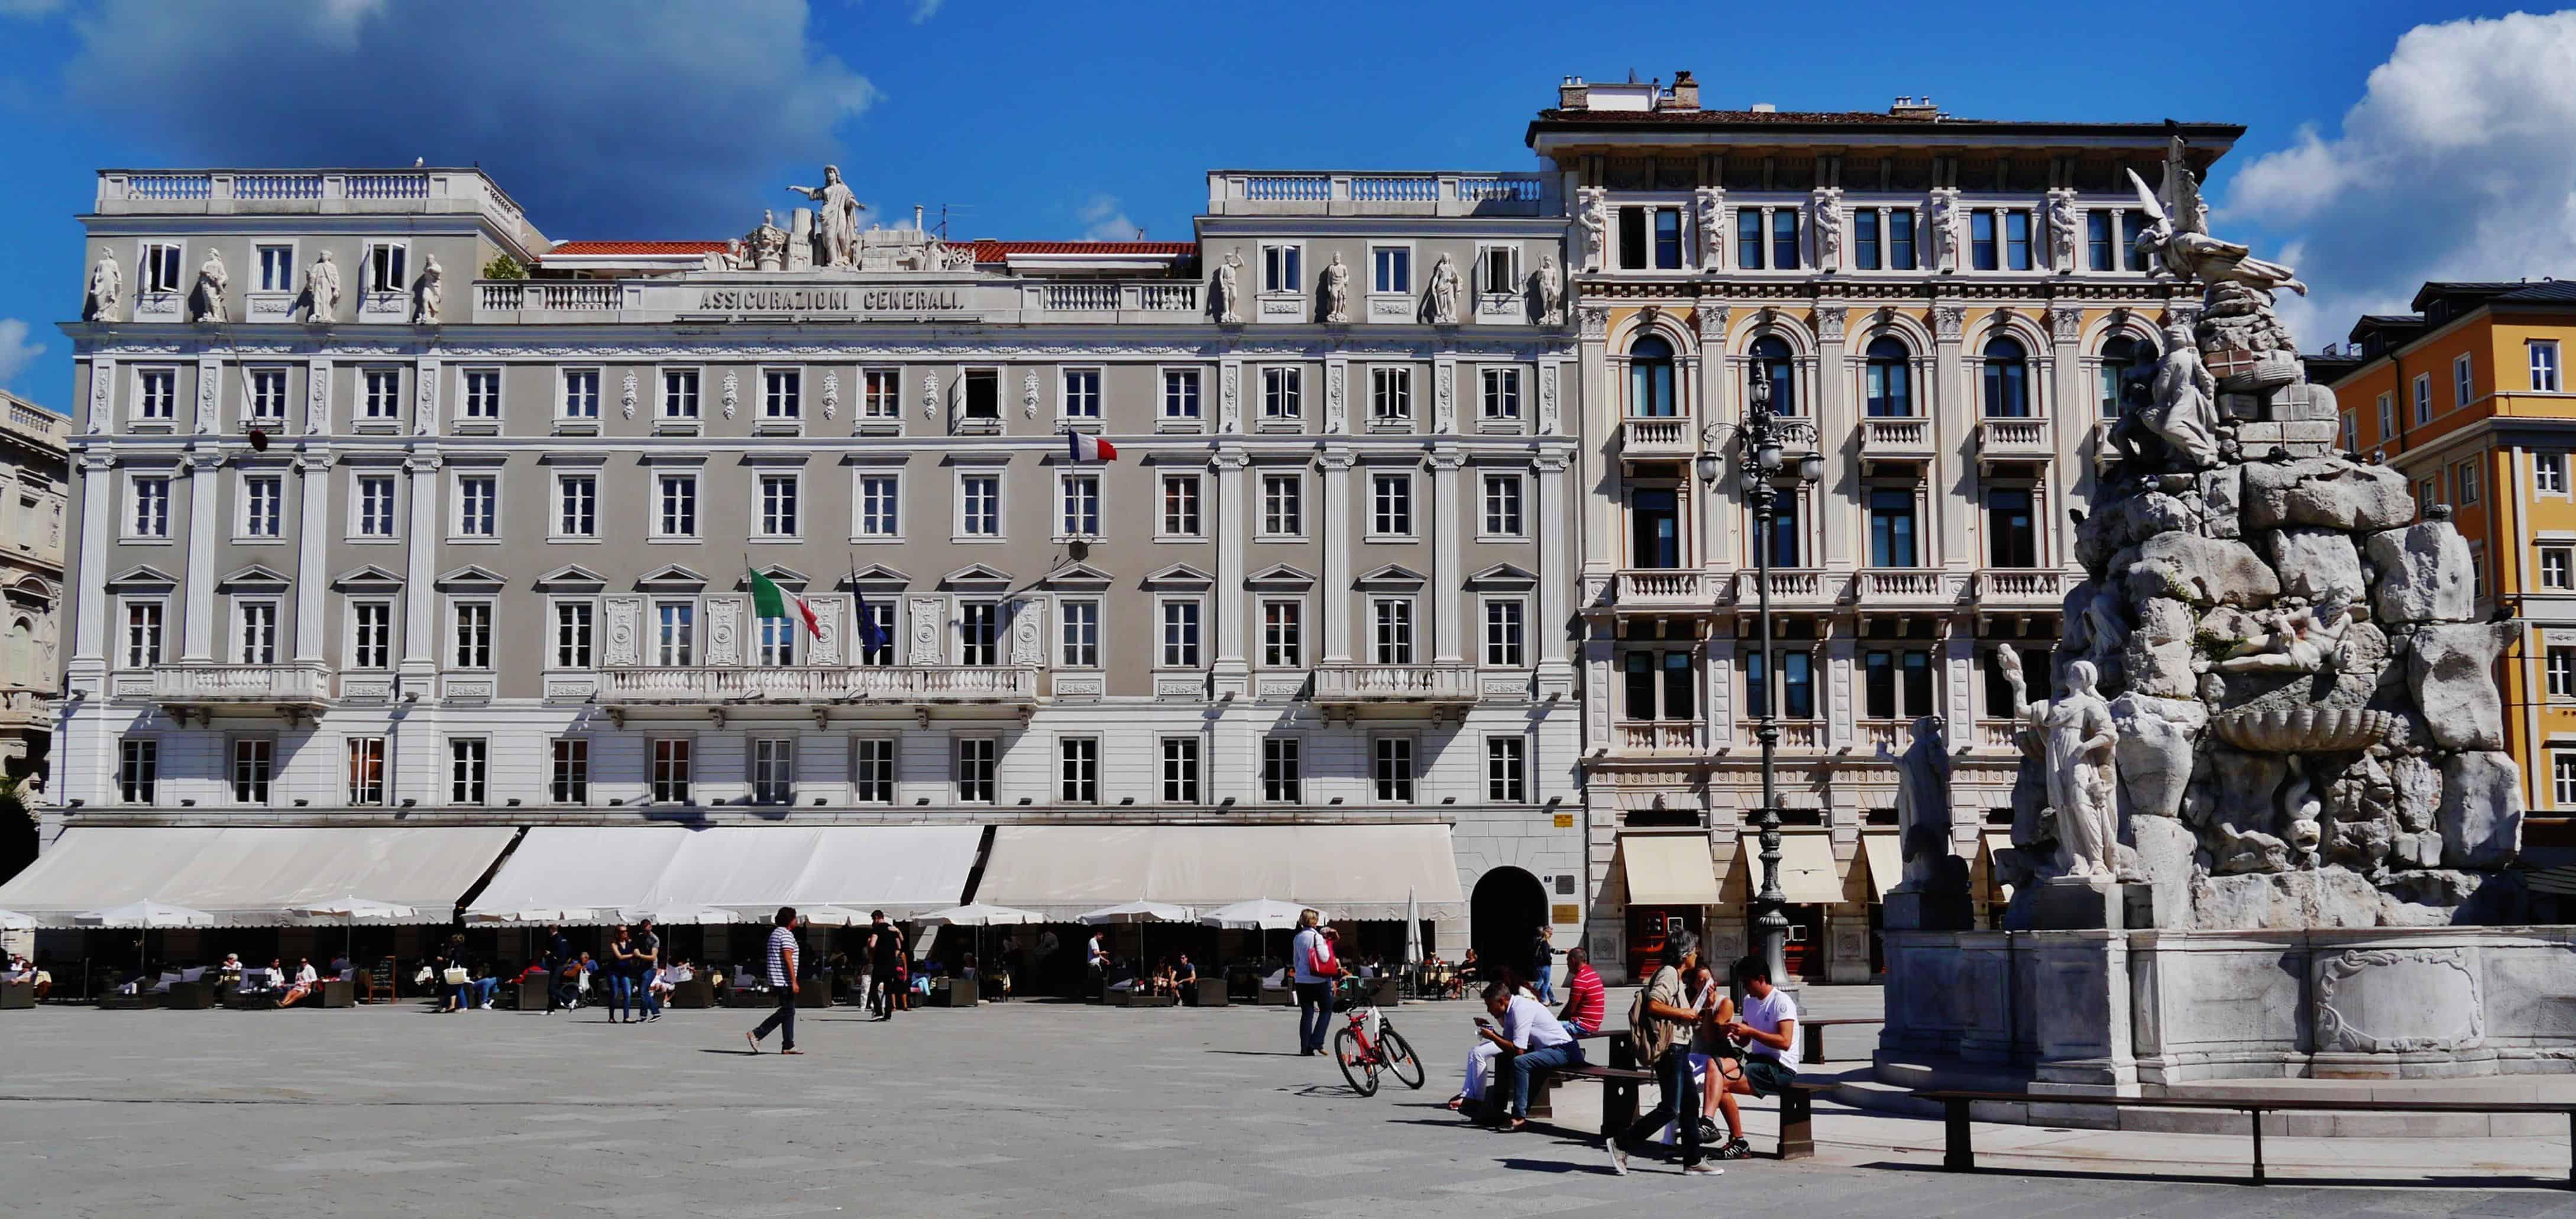 Trieste_Piazza_dell'Unità_d'Italia_Palazzo_Modelo_2.jpg